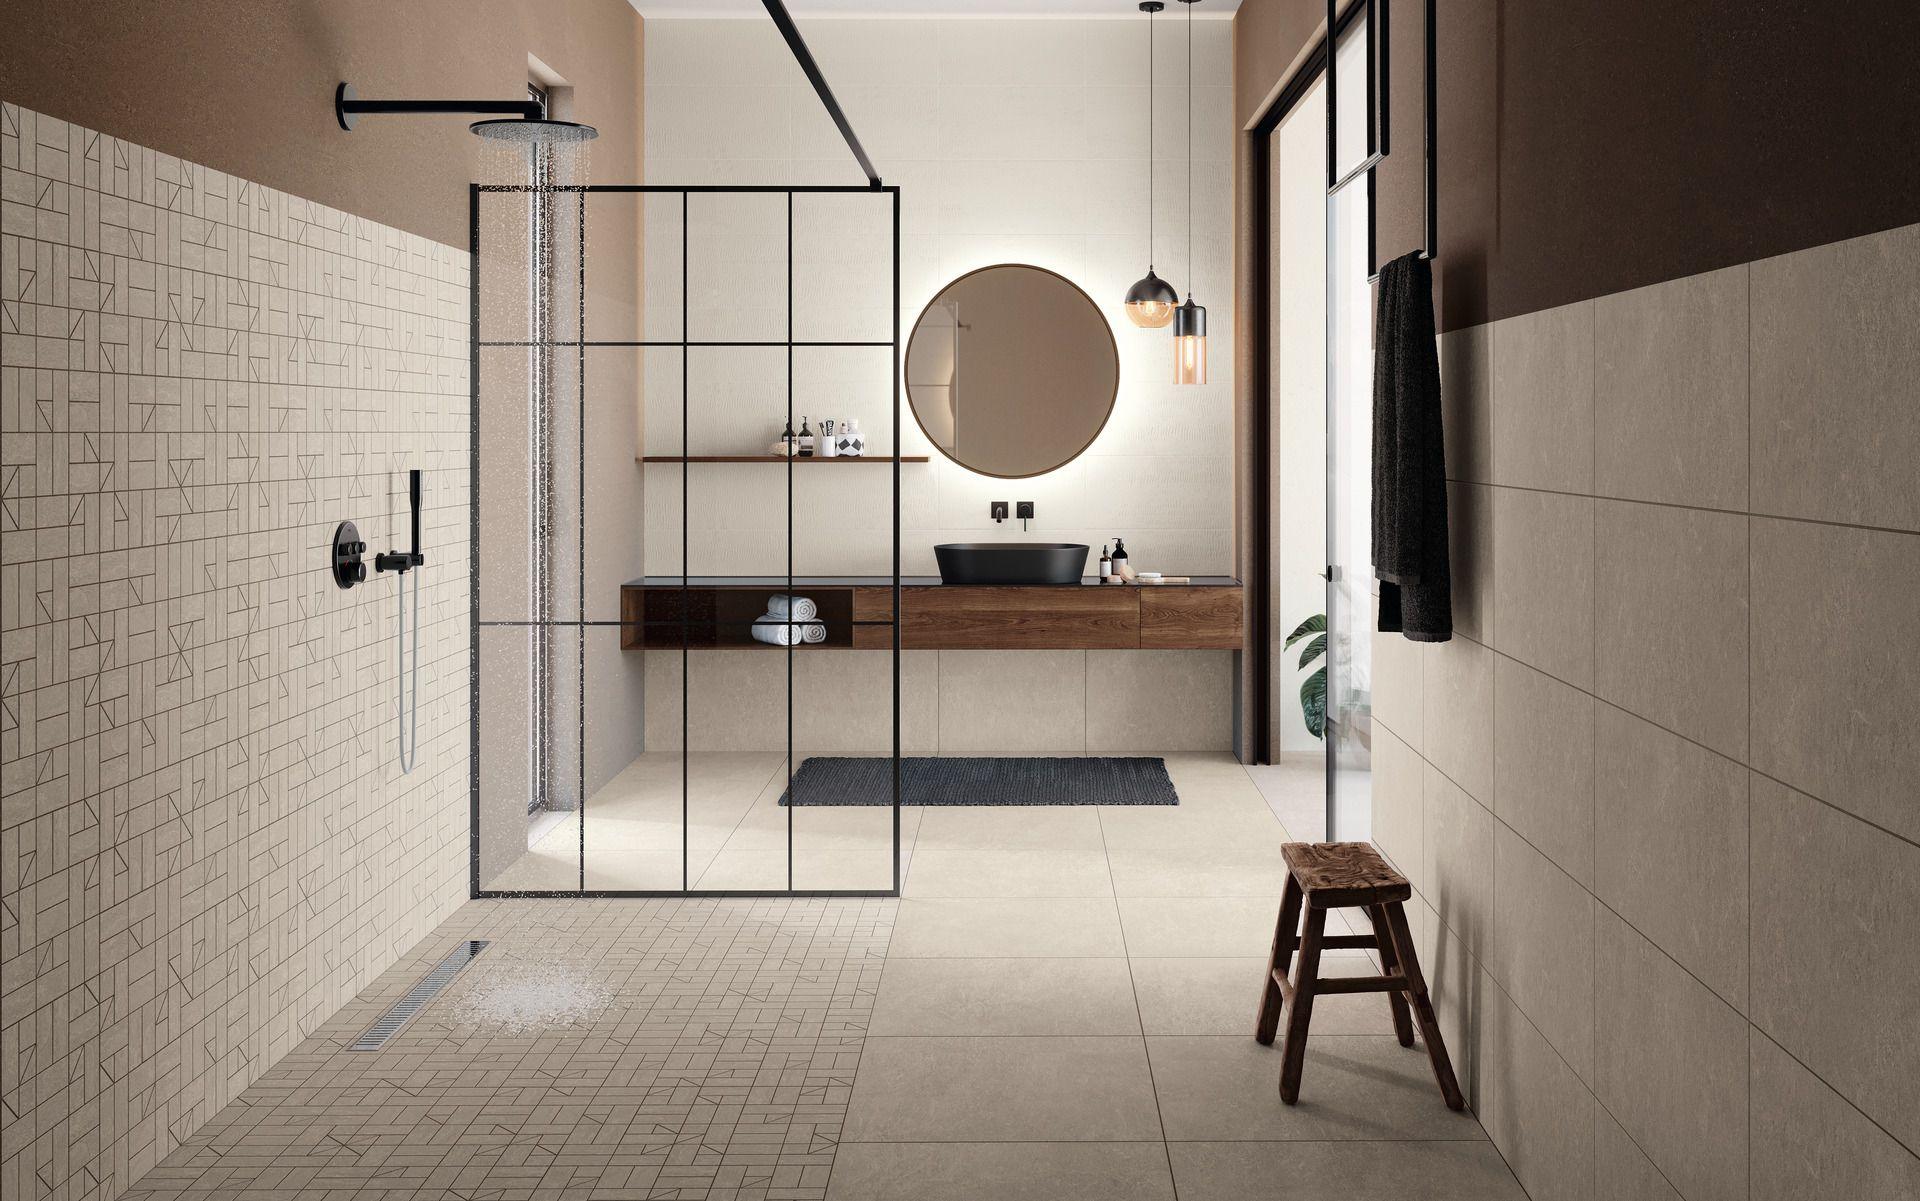 Sandige Farbtöne im Bad  Badezimmer gestalten, Walk in dusche